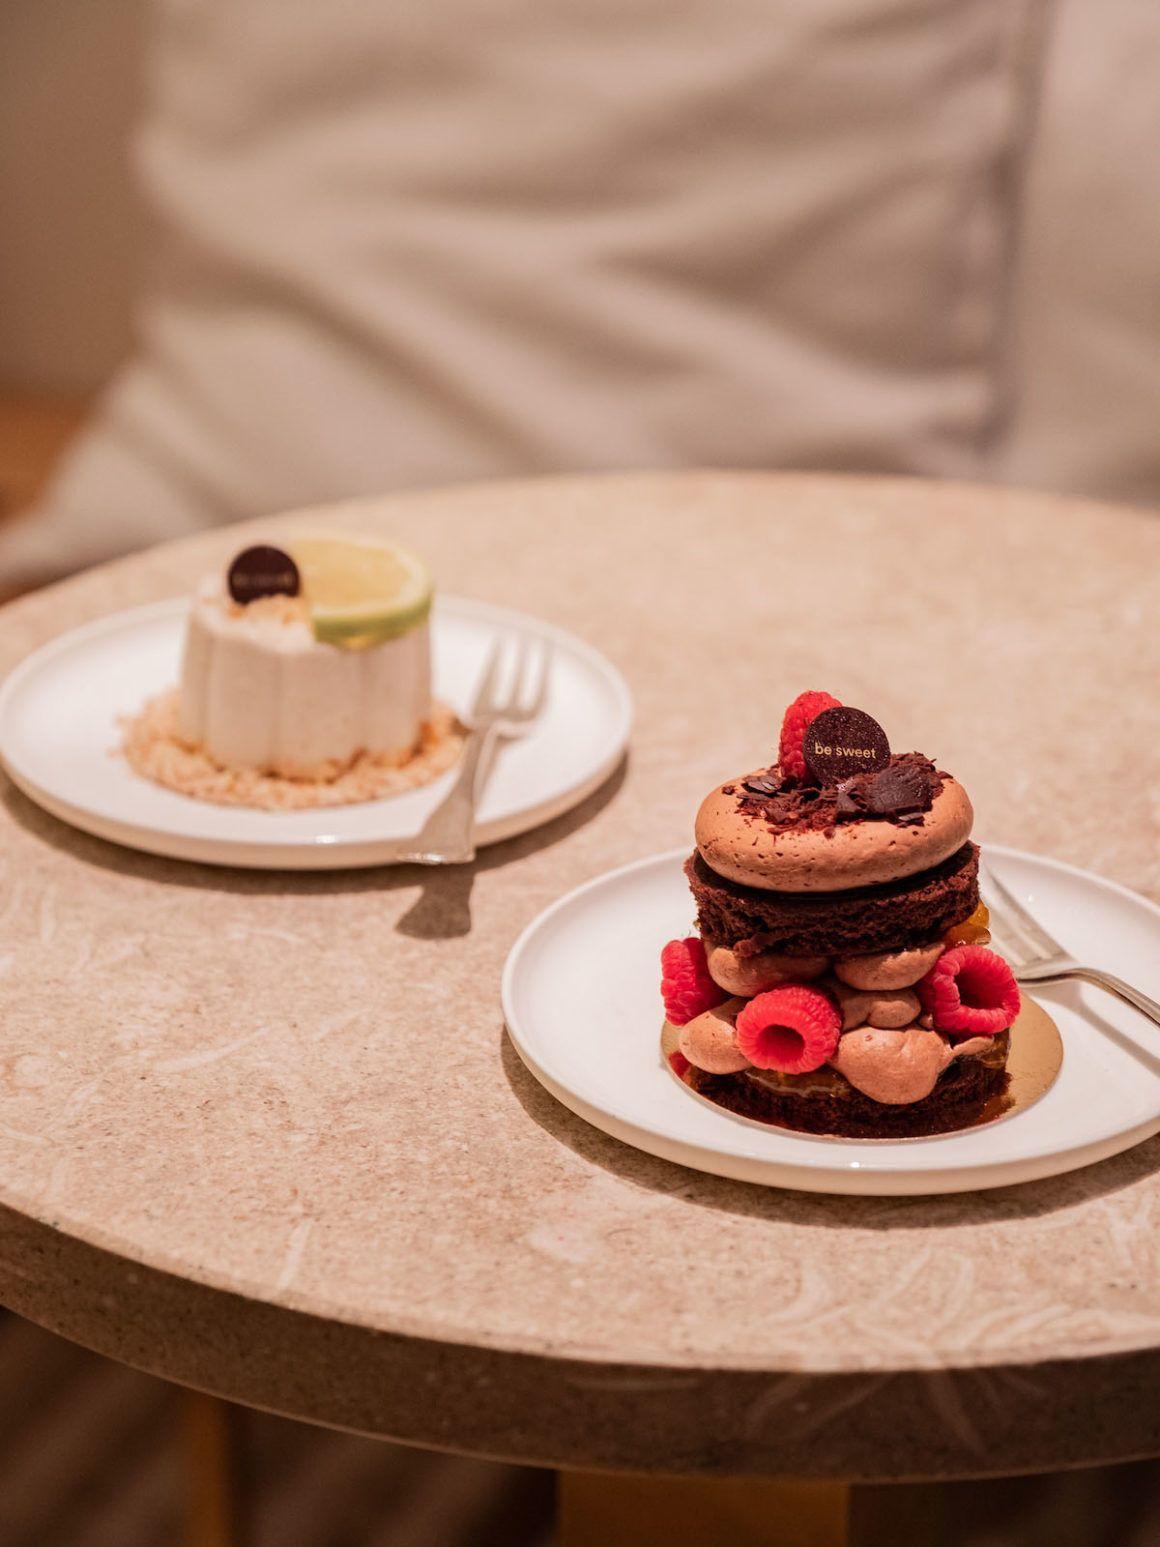 About Fuel, Food Blog, Berlin, Be Sweet, Dessert, Himbeere, Zitrone, Tisch